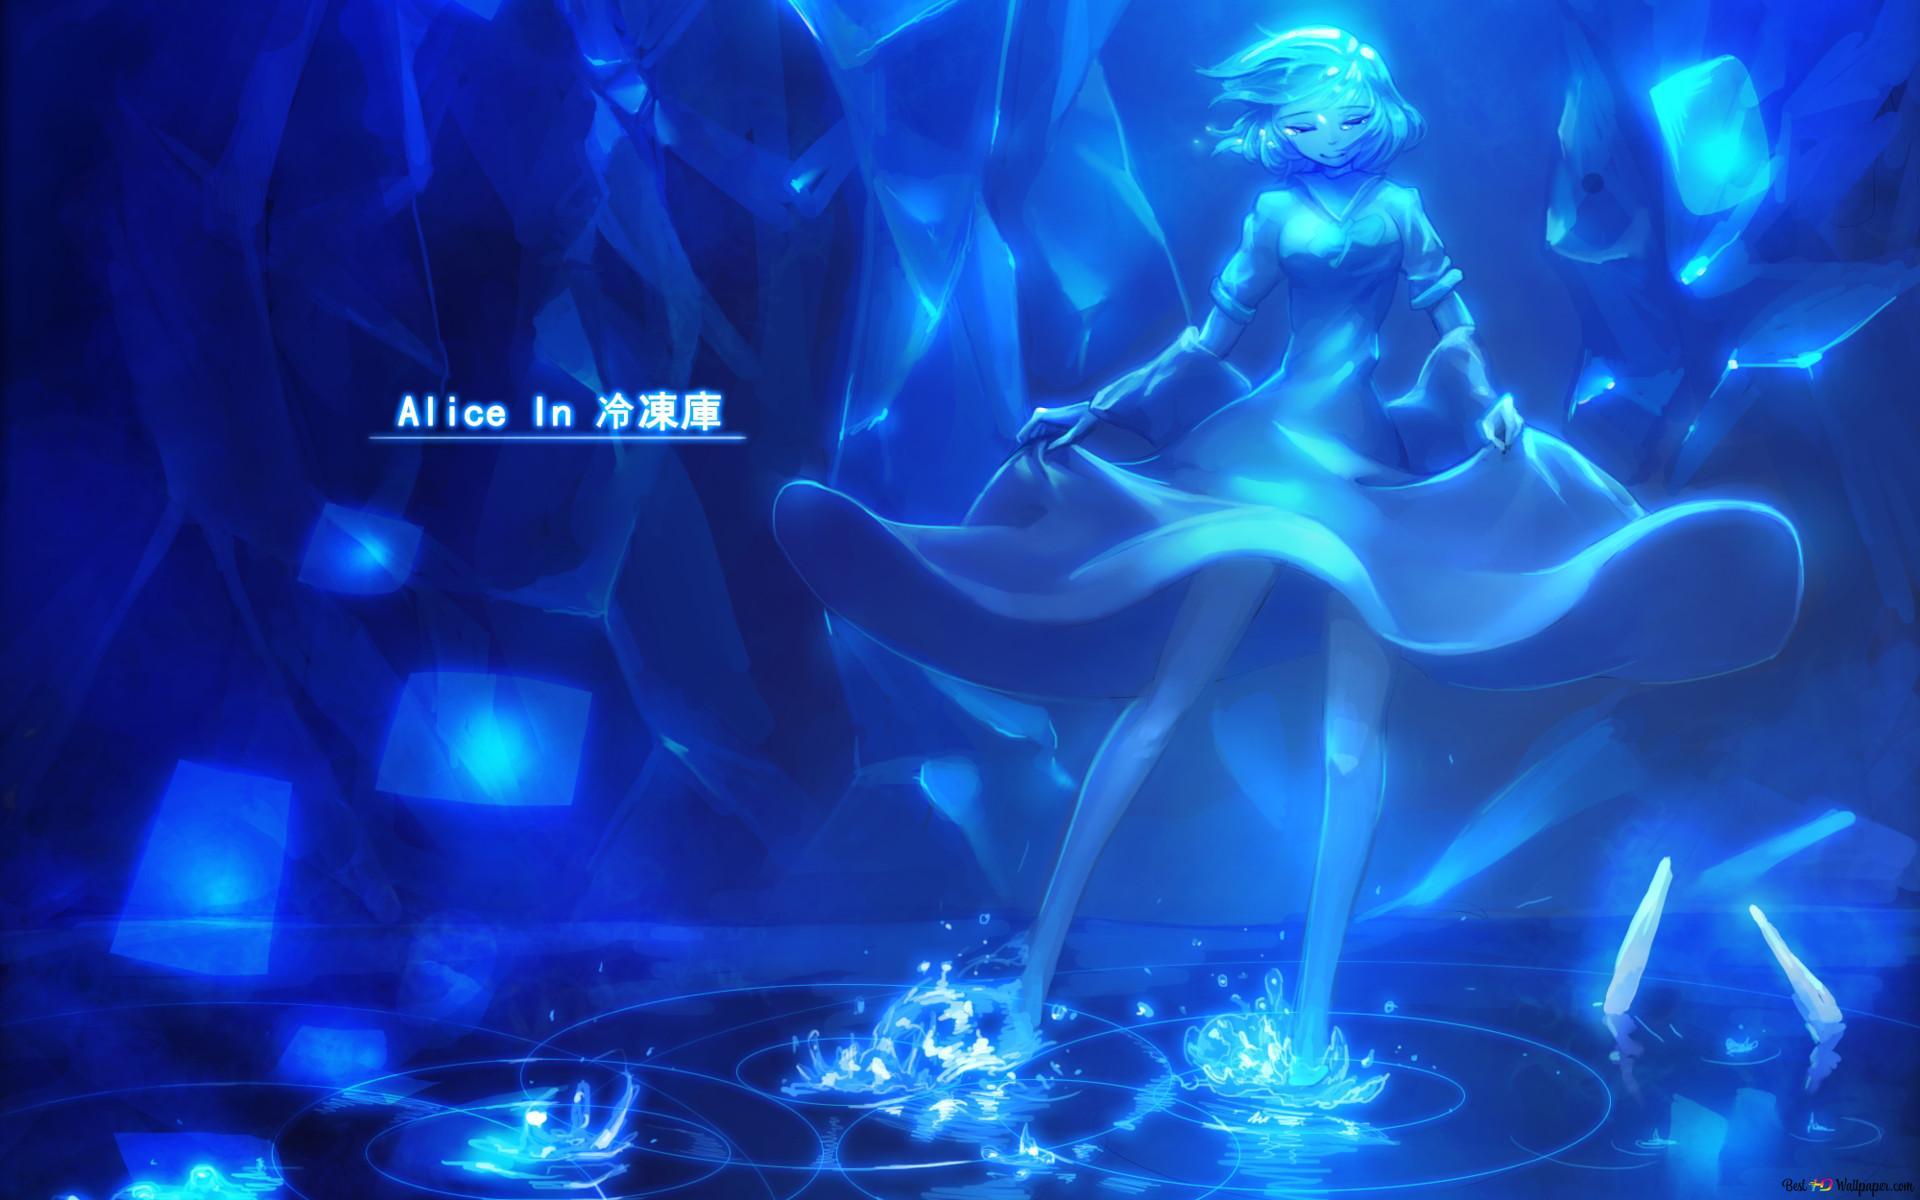 Alice in koelkast hd wallpaper downloaden